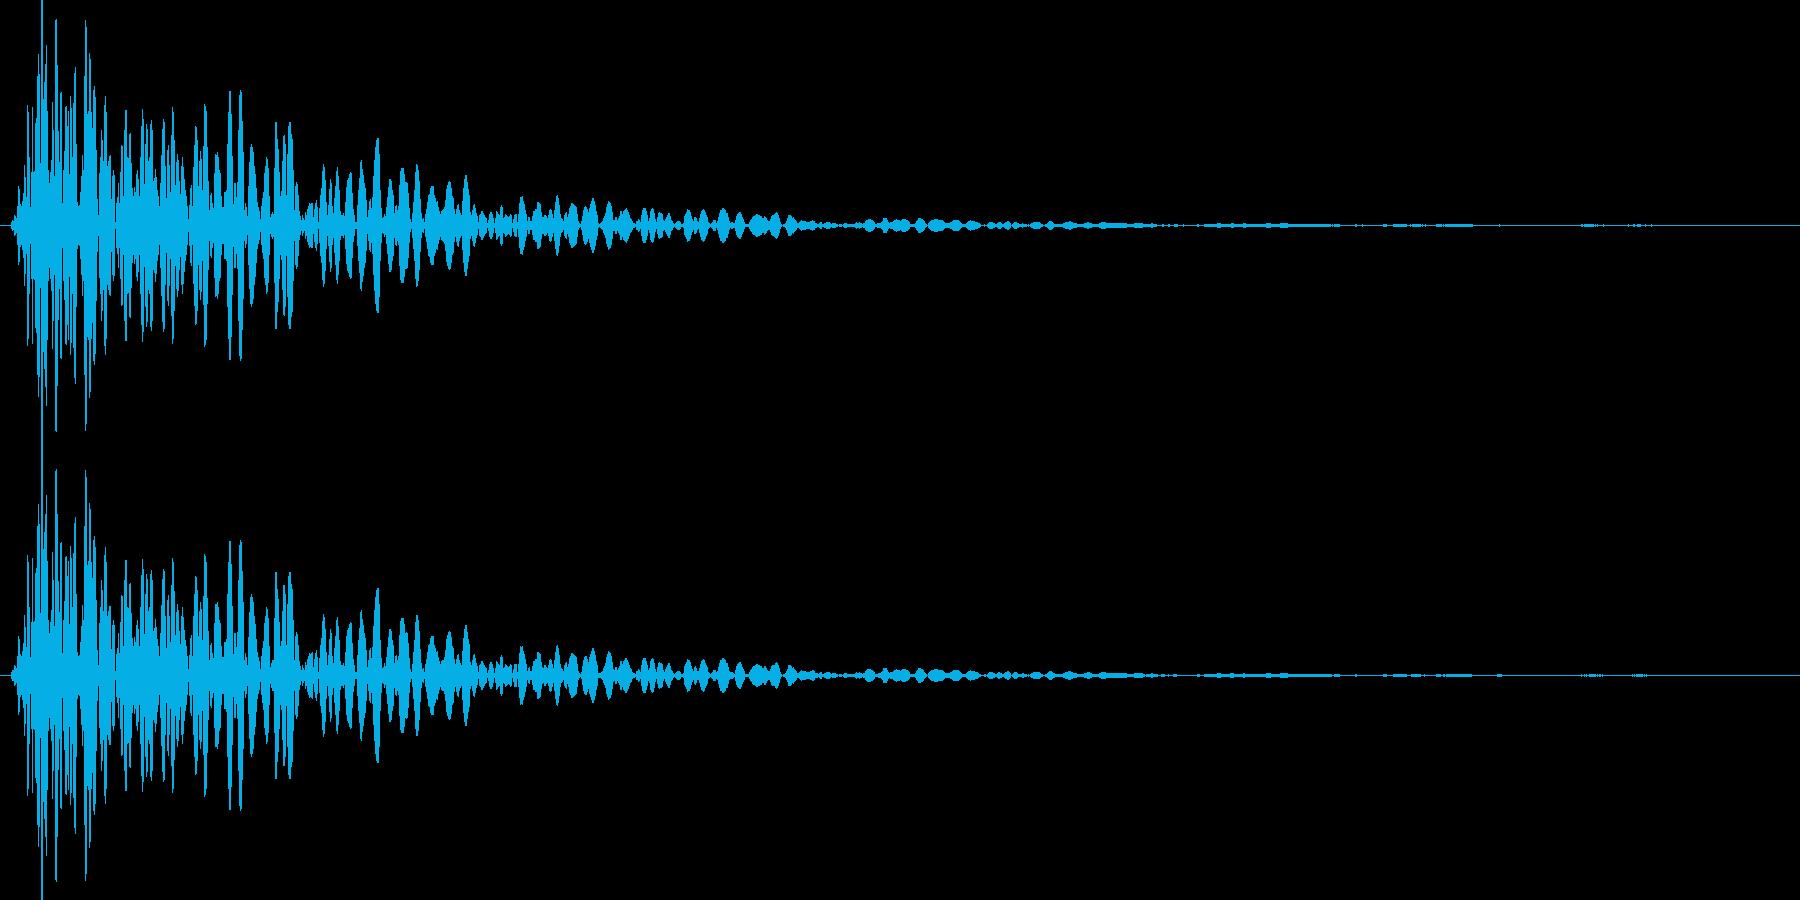 ドン(叩く音・木を叩く・打撃音)の再生済みの波形